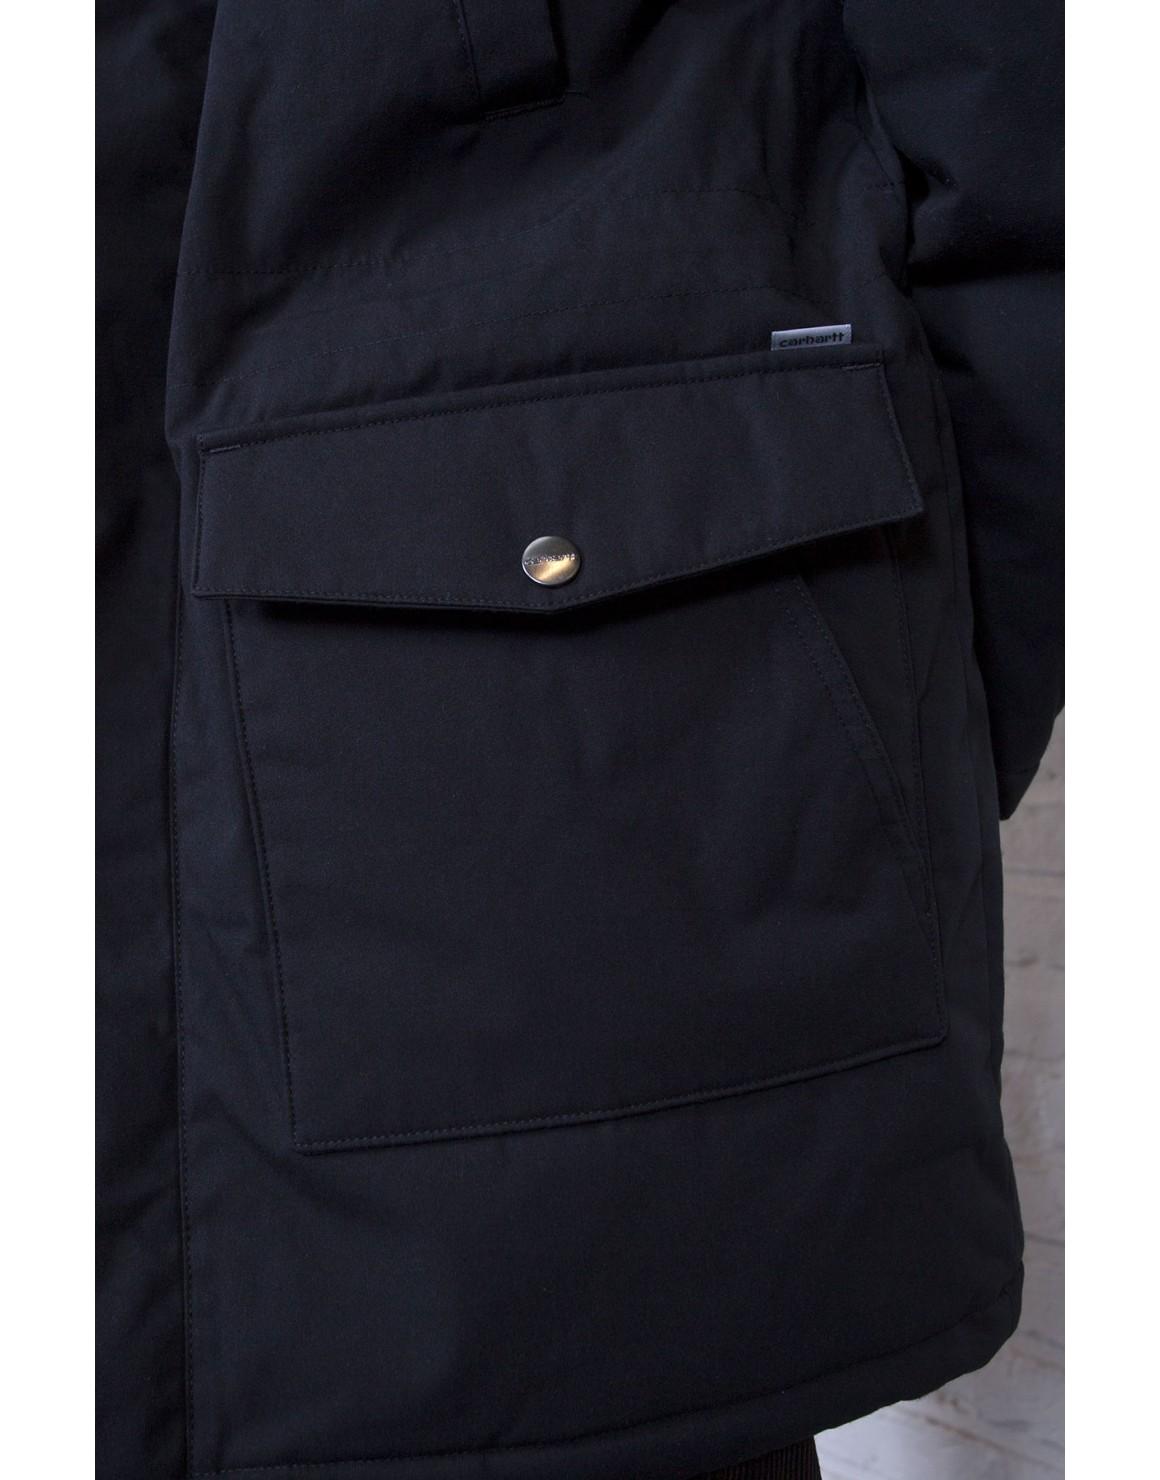 Carhartt WIP Tropper Parka Black Jacket